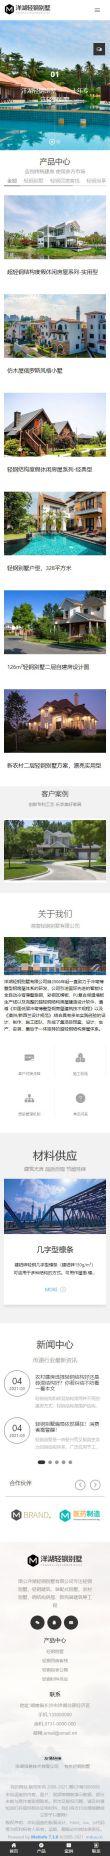 轻钢别墅公司网站模板,轻钢别墅公司网页模板,轻钢别墅公司响应式网站模板